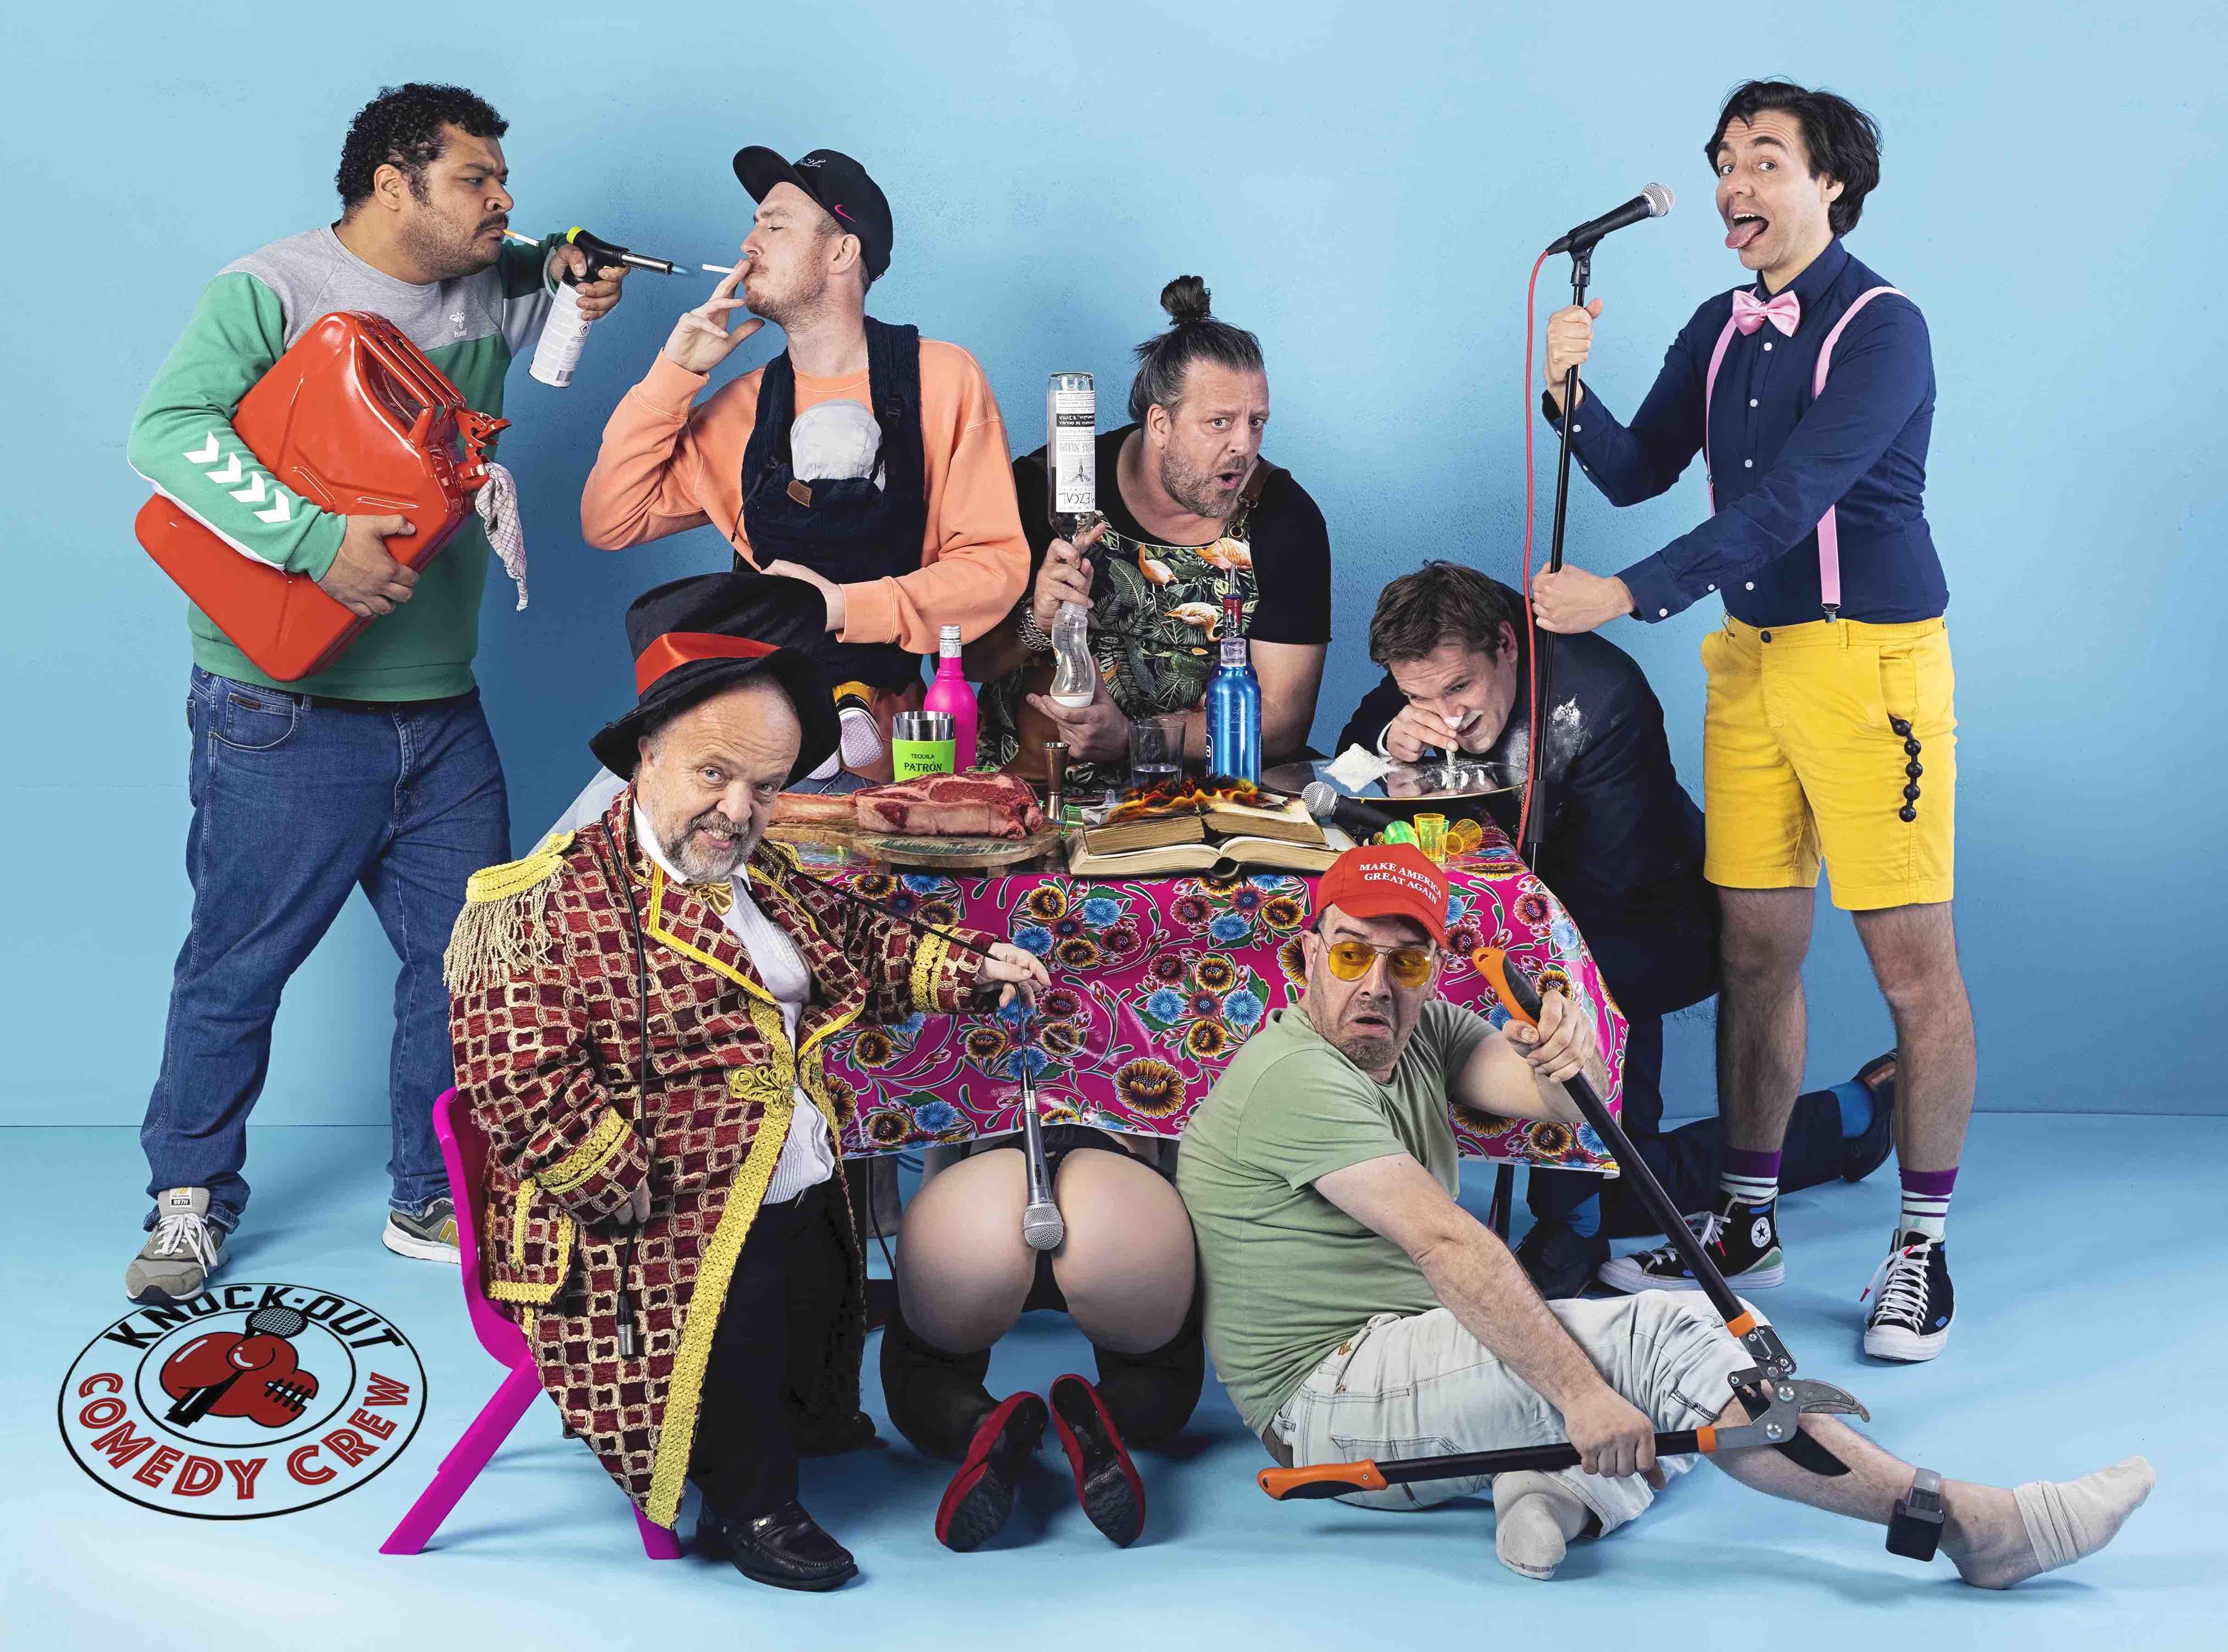 Ticket kopen voor evenement Knock Out Comedy Crew - Nee, dat kan echt niet